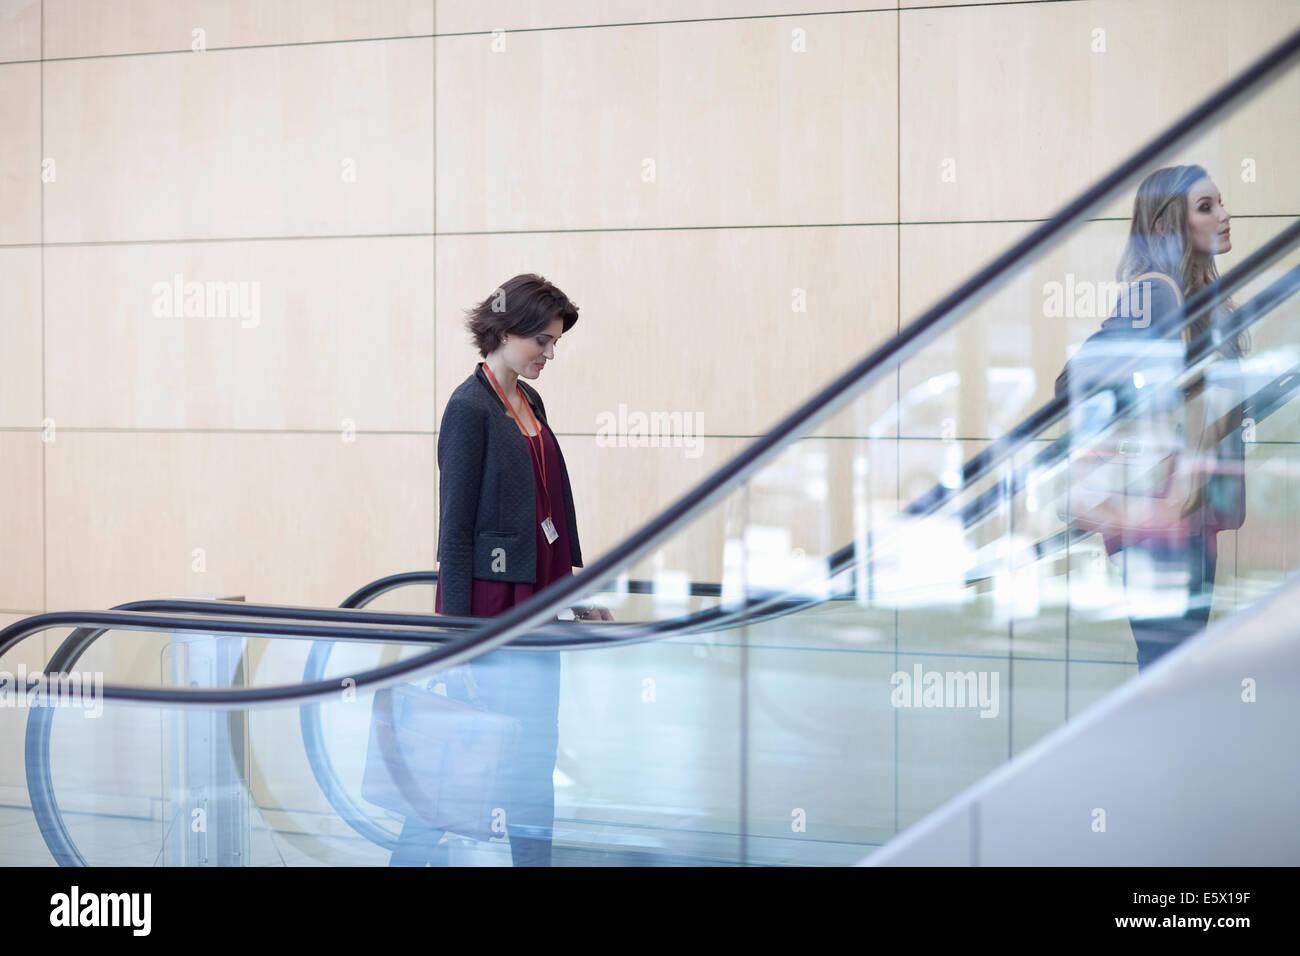 Movimiento de mujeres empresarias en el centro de conferencias ascensor Imagen De Stock